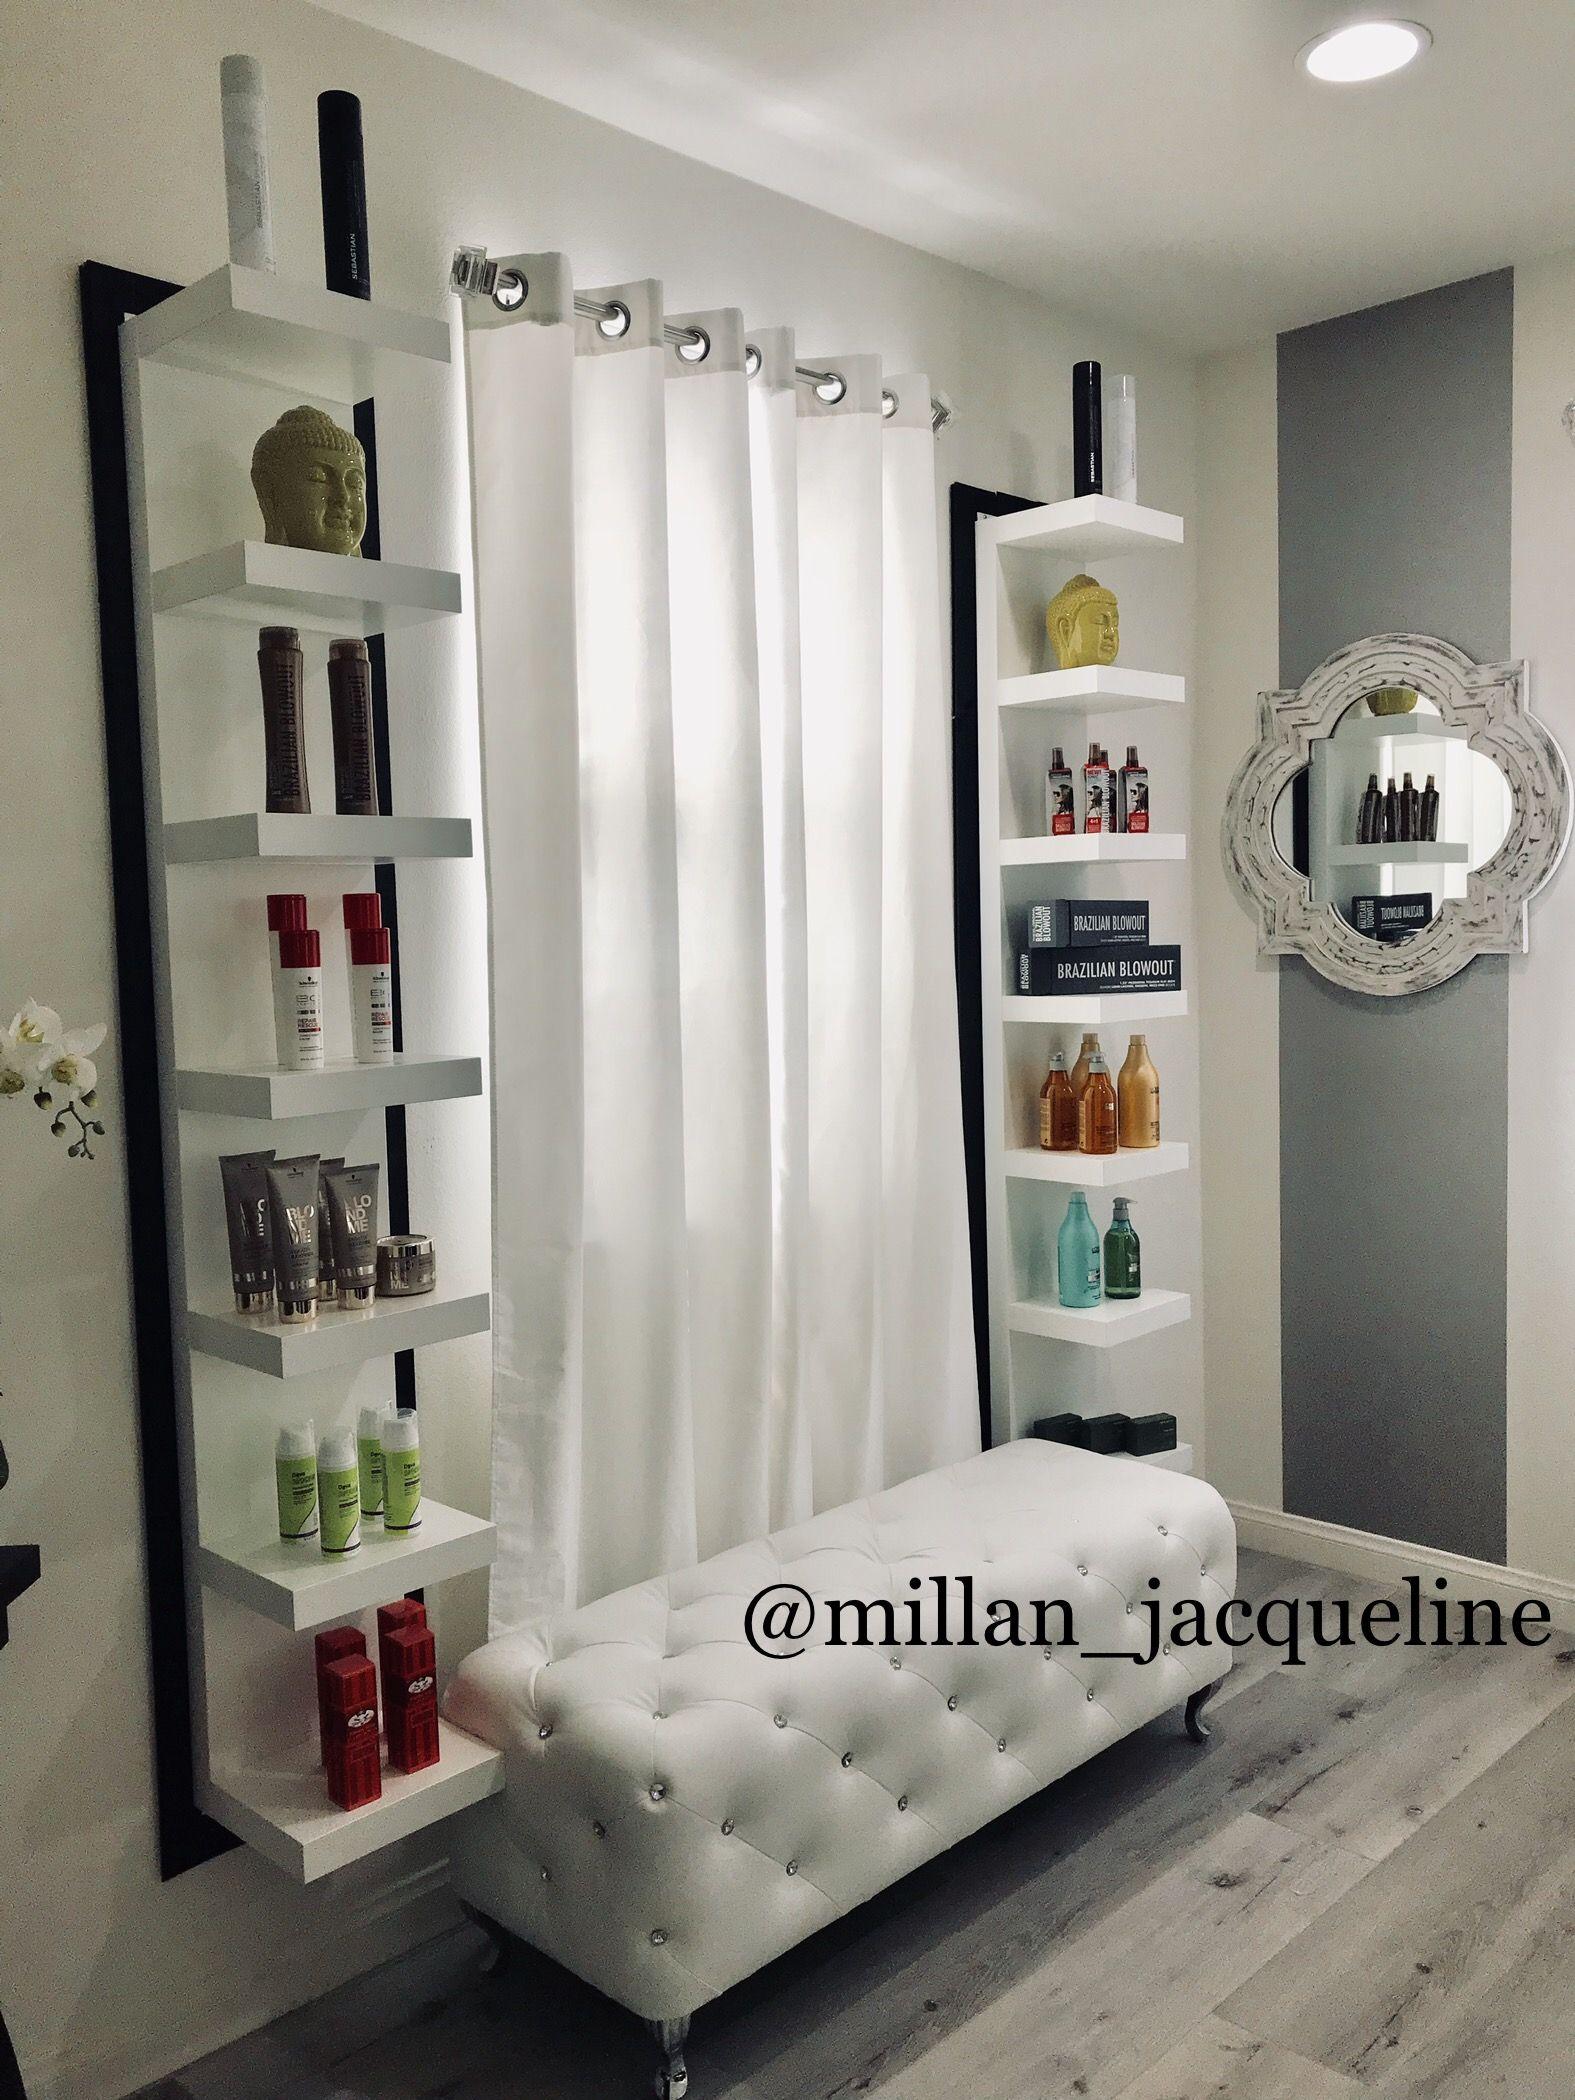 Home Salón Ideas, home Salón, Hair Salon, Salon Ideas, Hair